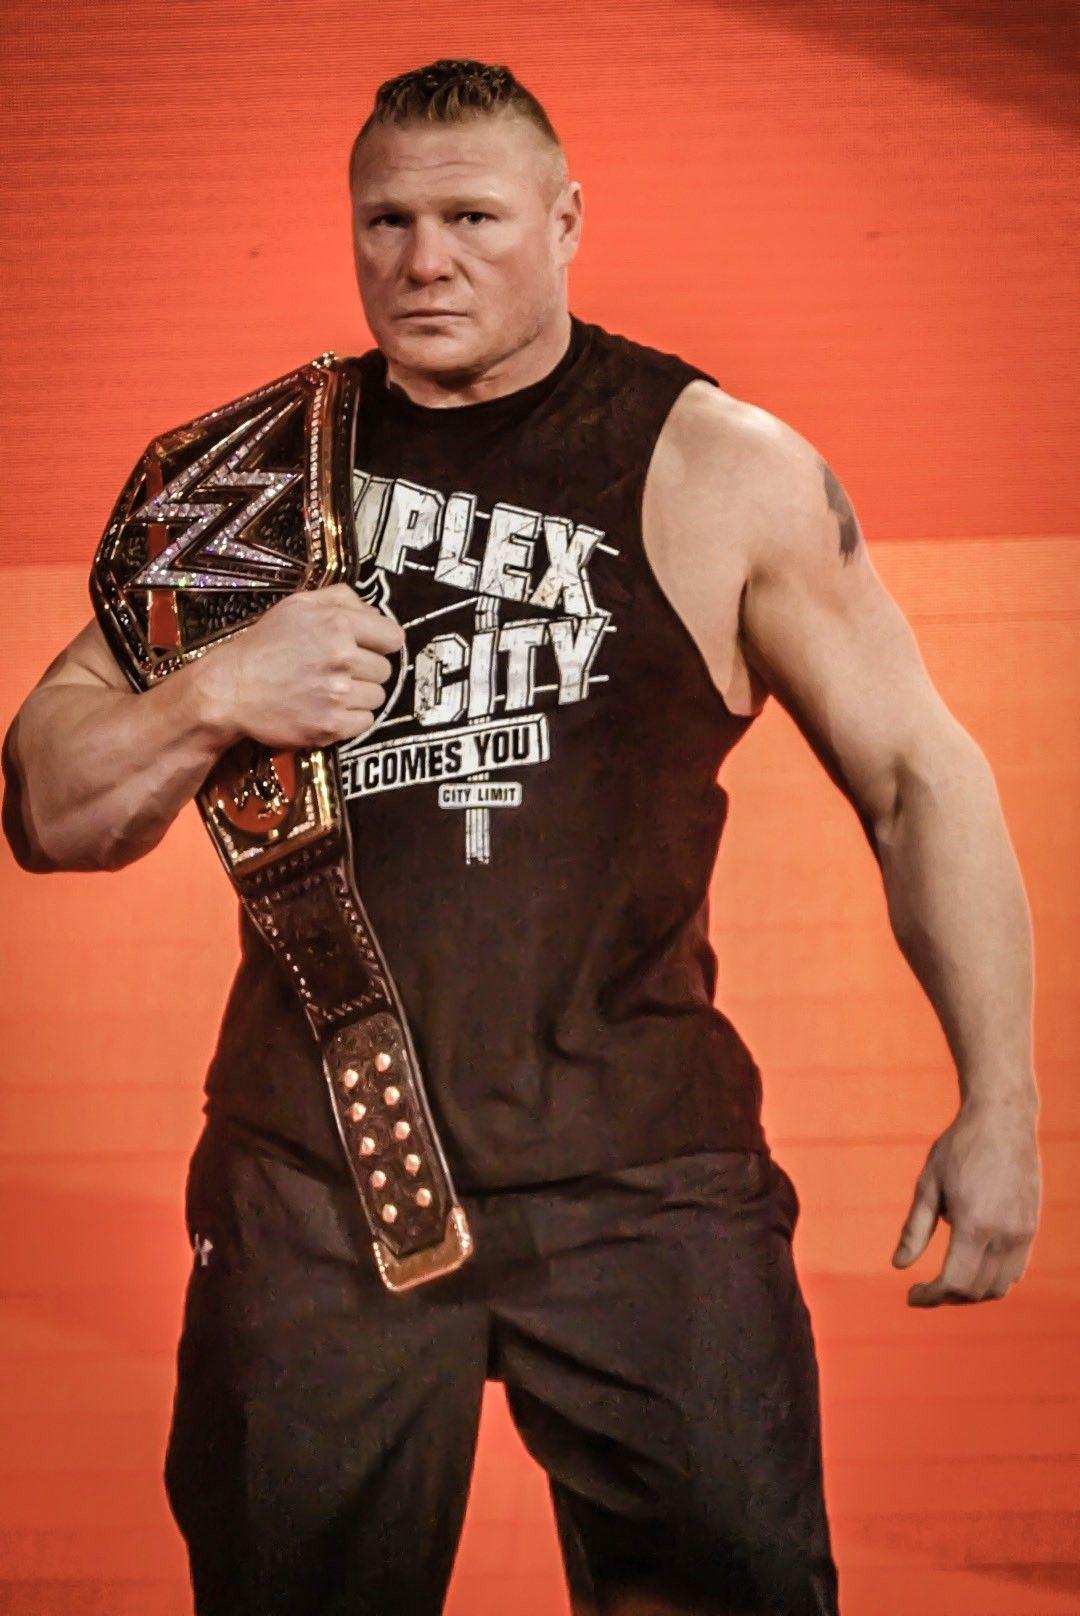 Brock Lesnar Brock Lesnar Wwe Brock Lesnar Wrestling Wwe